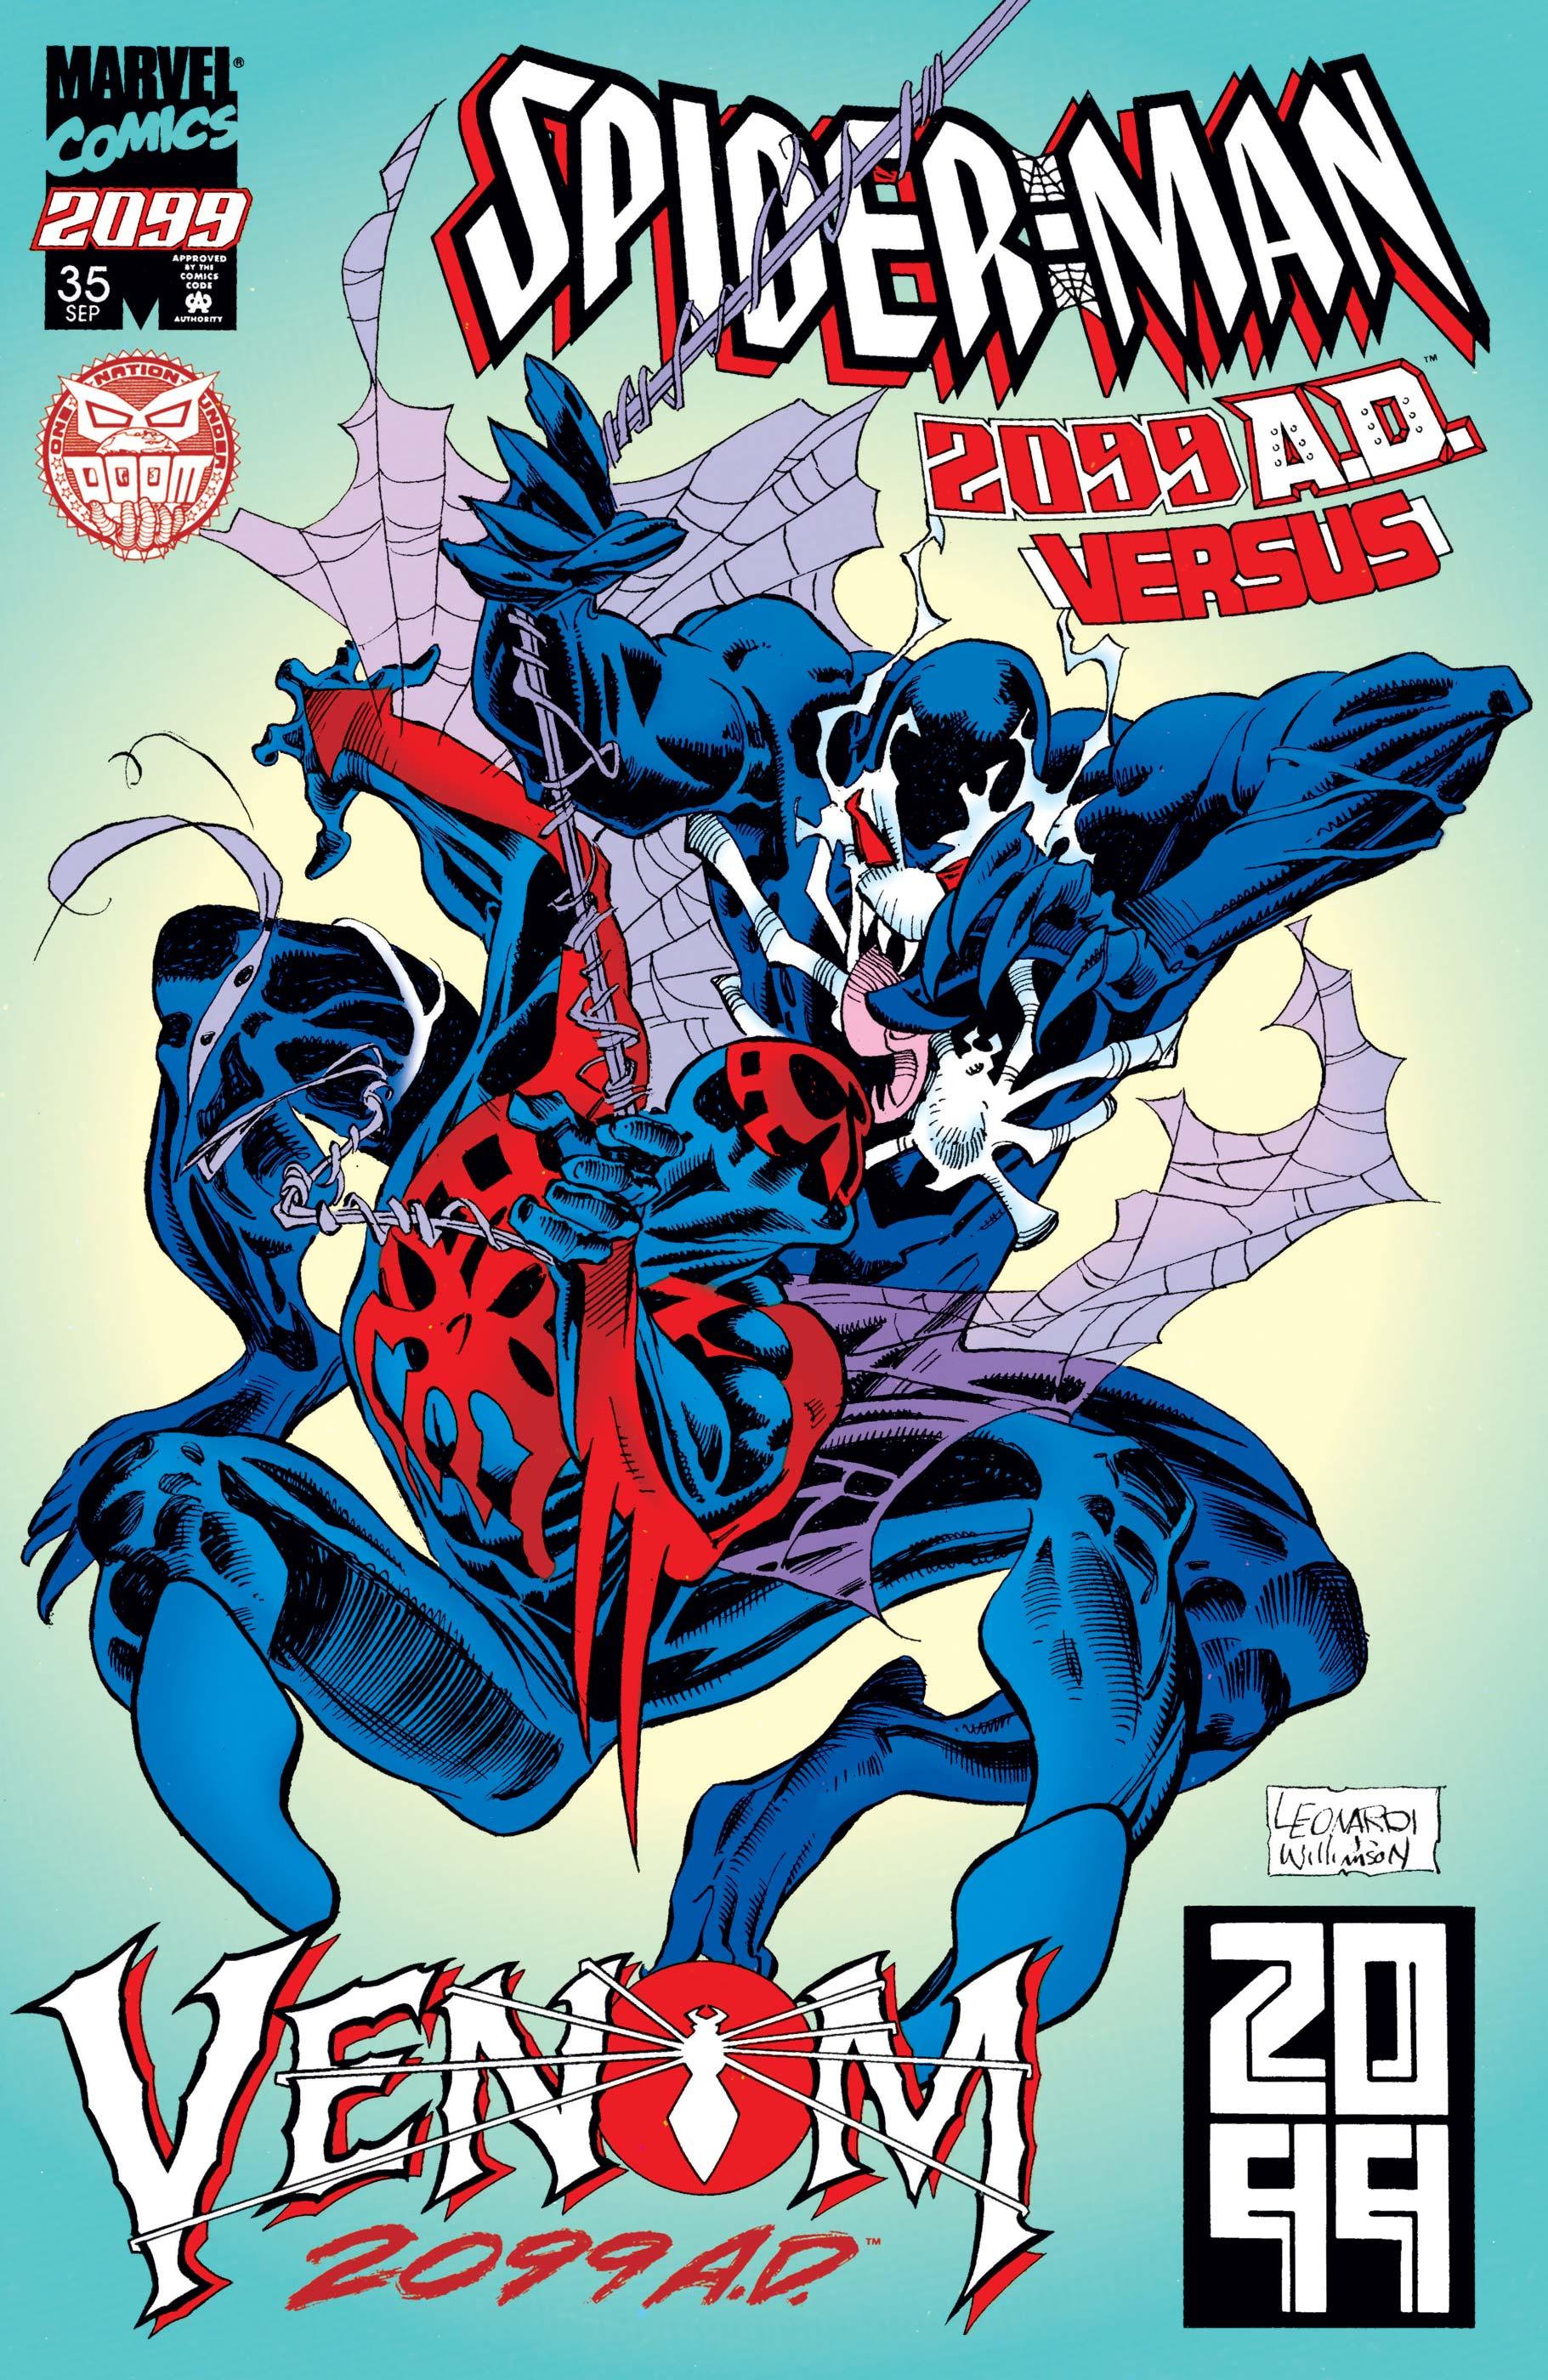 Spider-Man 2099 (1992) #35